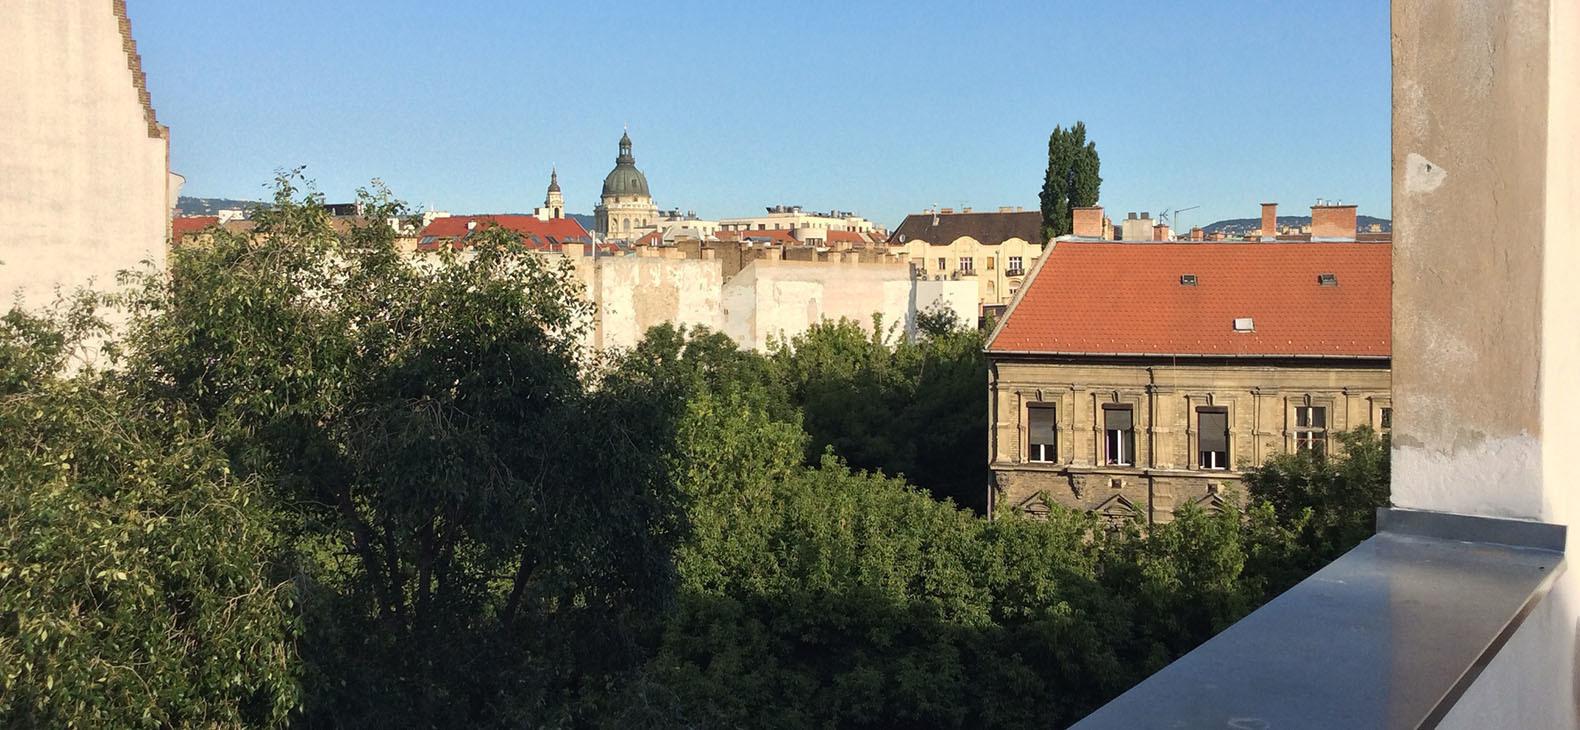 Ausschreibung Kunststipendium Budapest